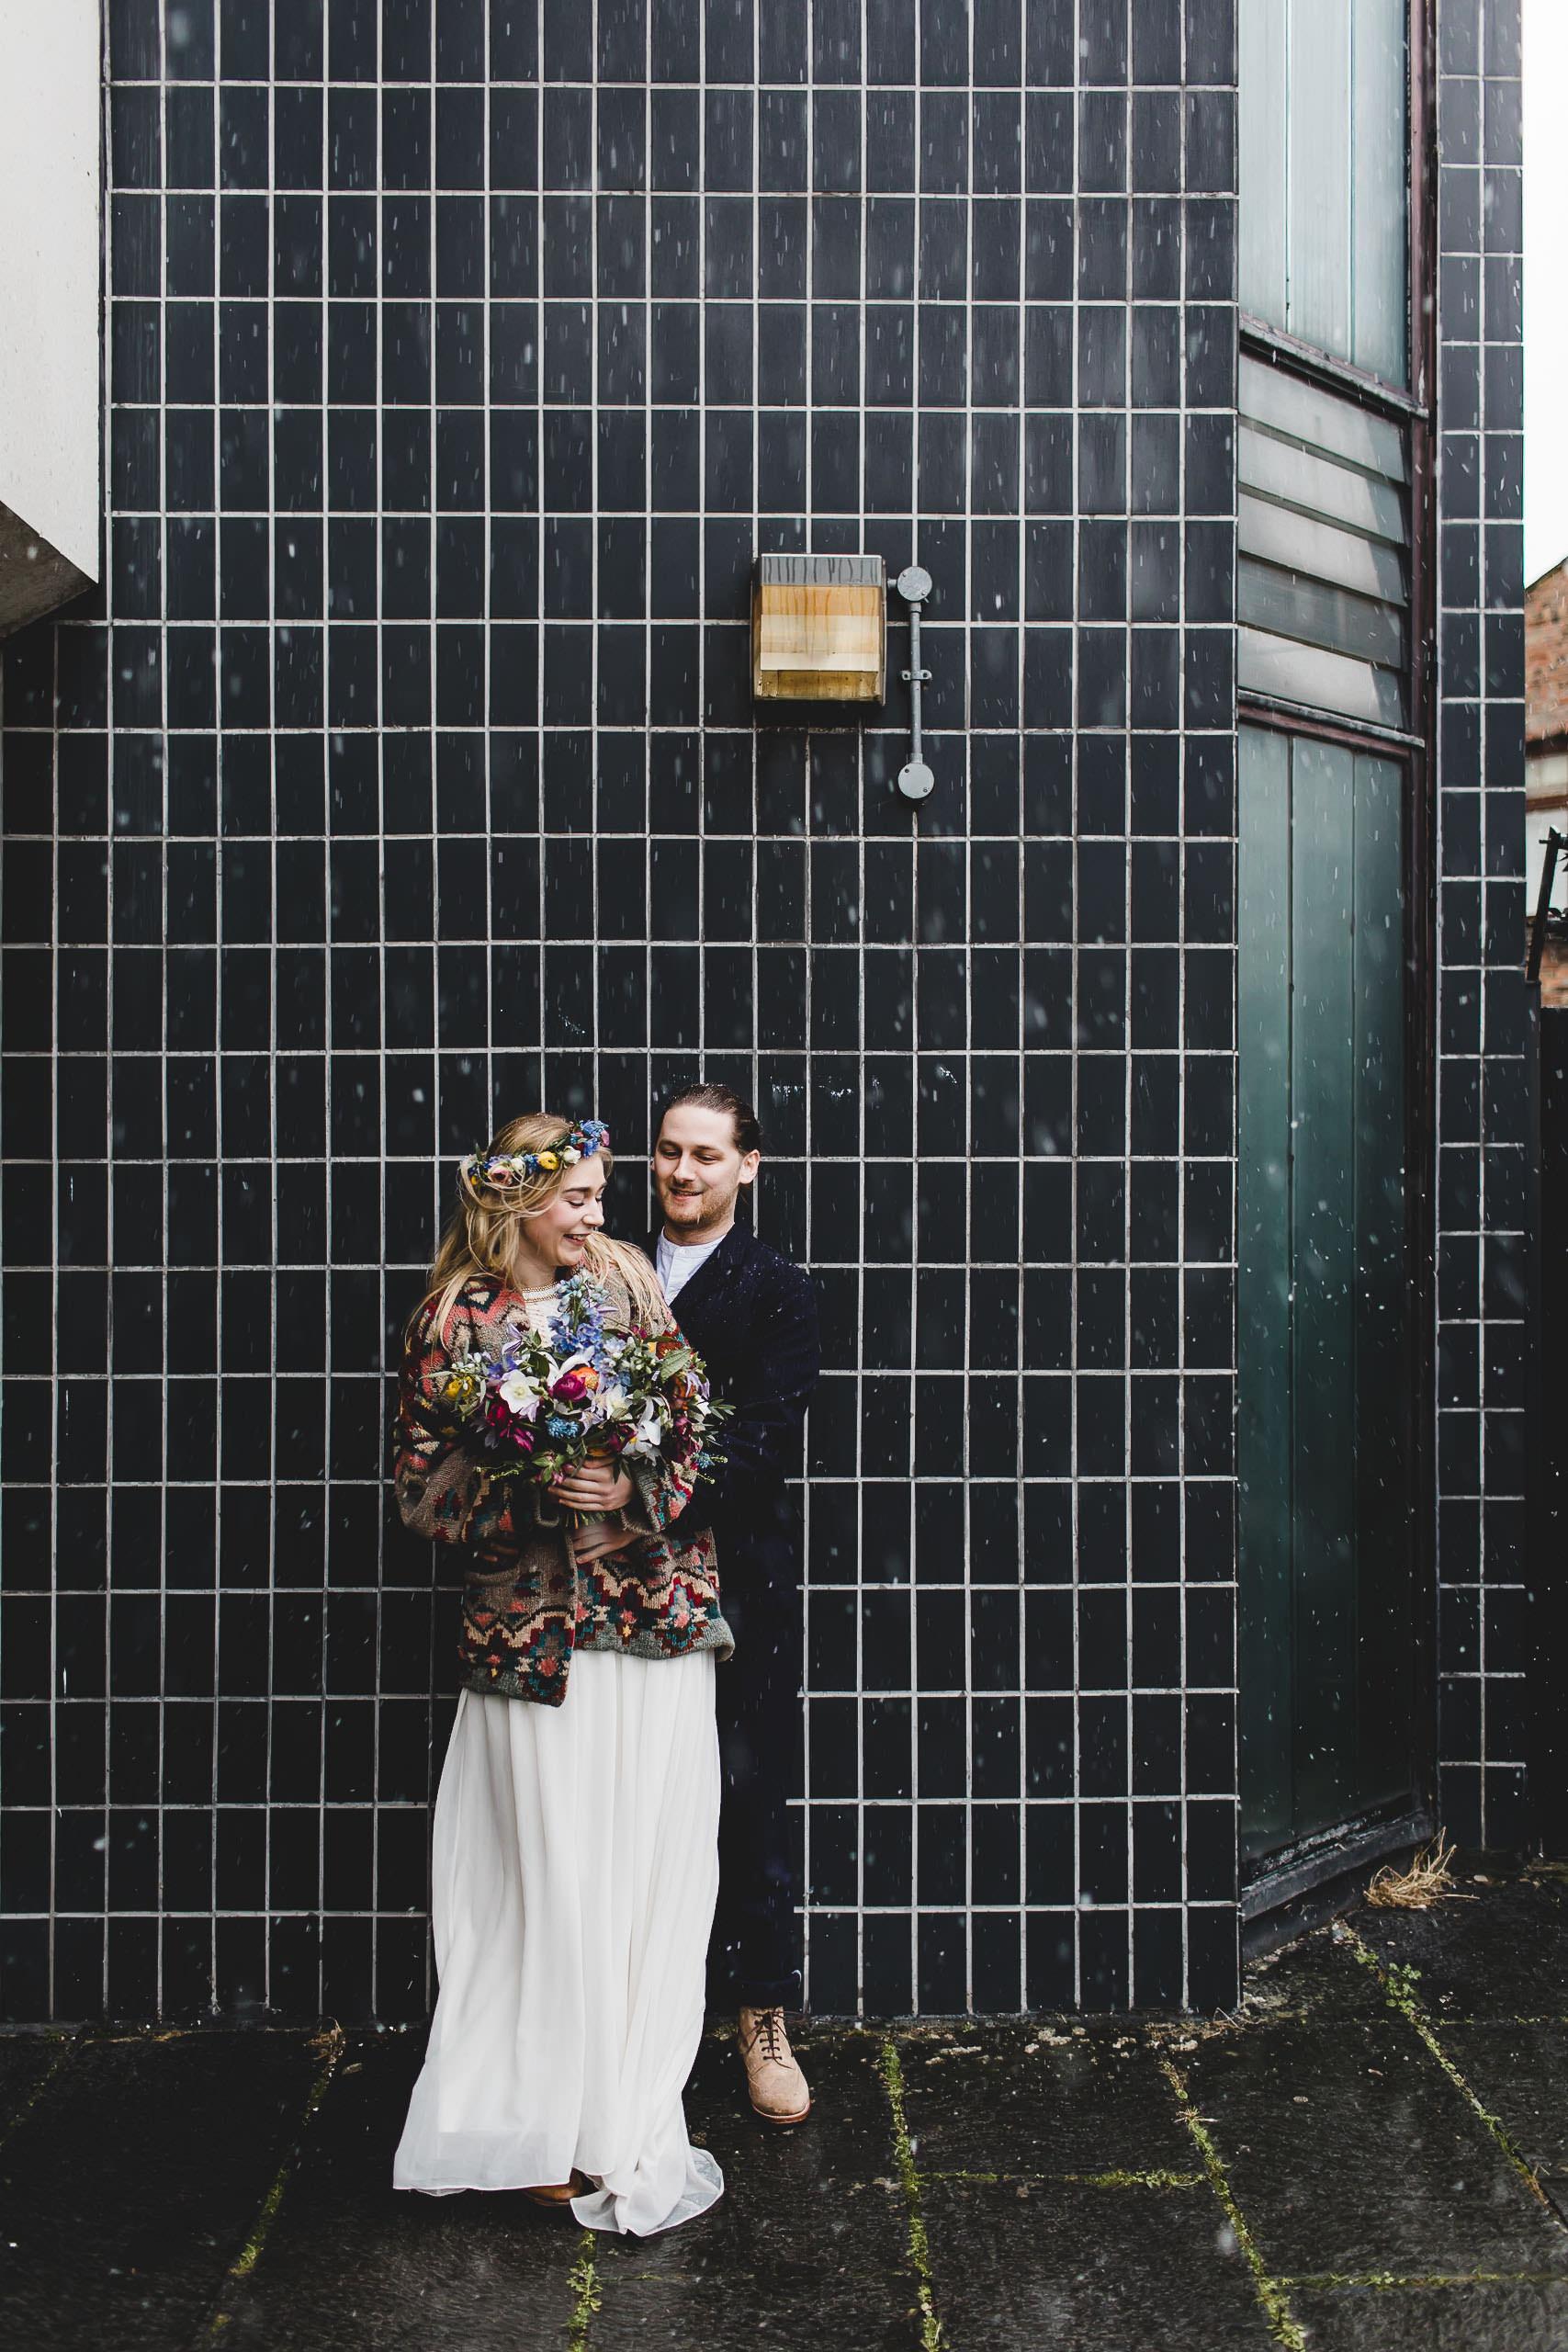 winter-elopement-london-036.jpg